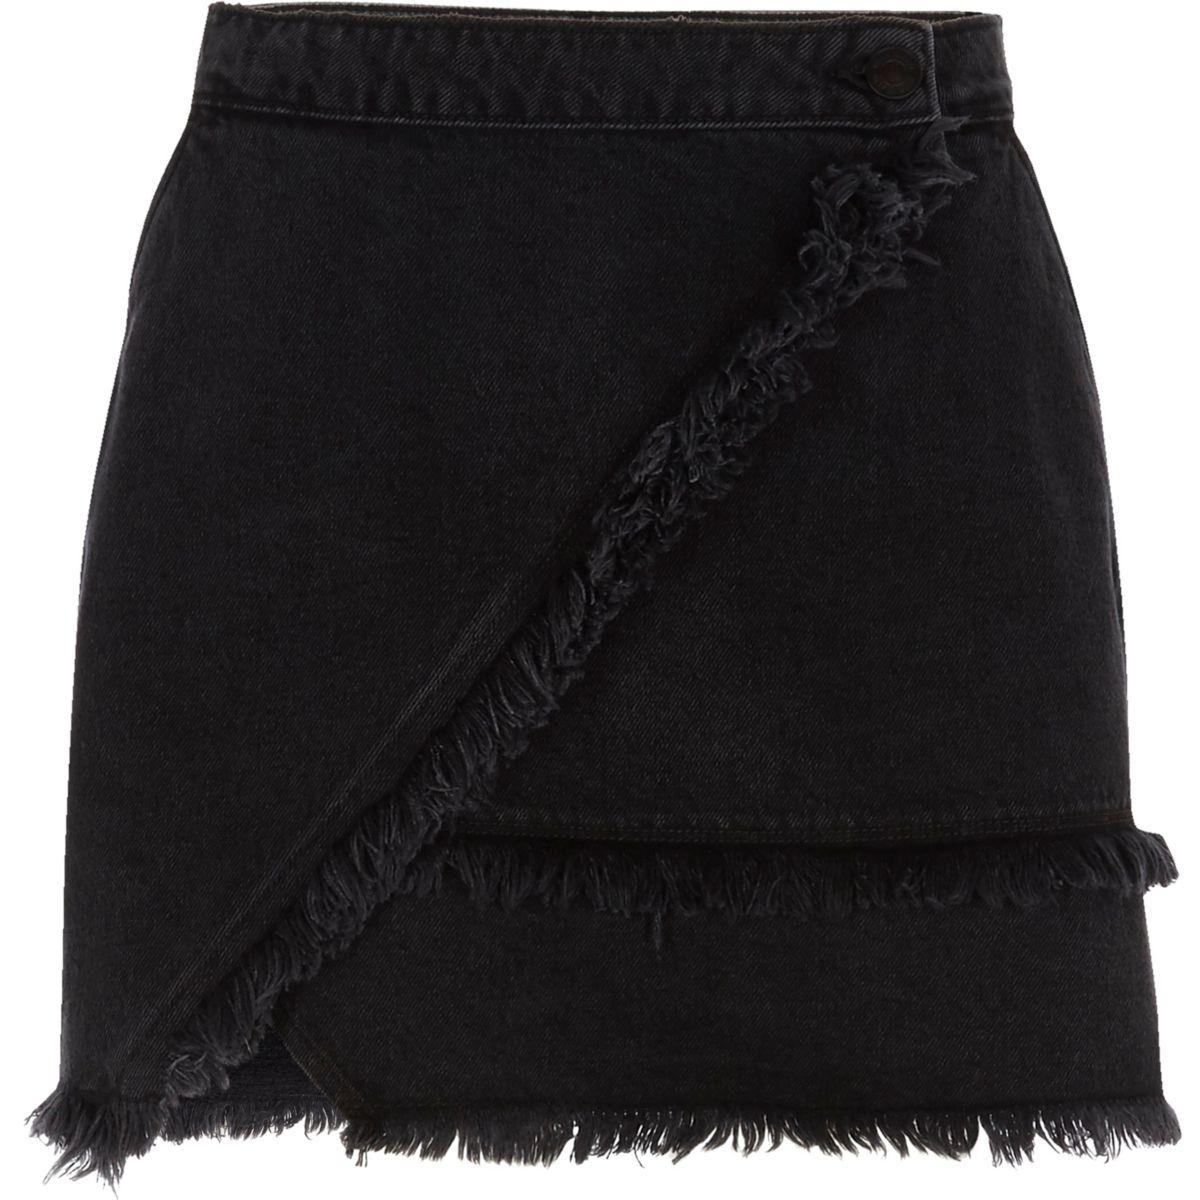 Schwarzer Jeans-Minirock mit Fransensaum